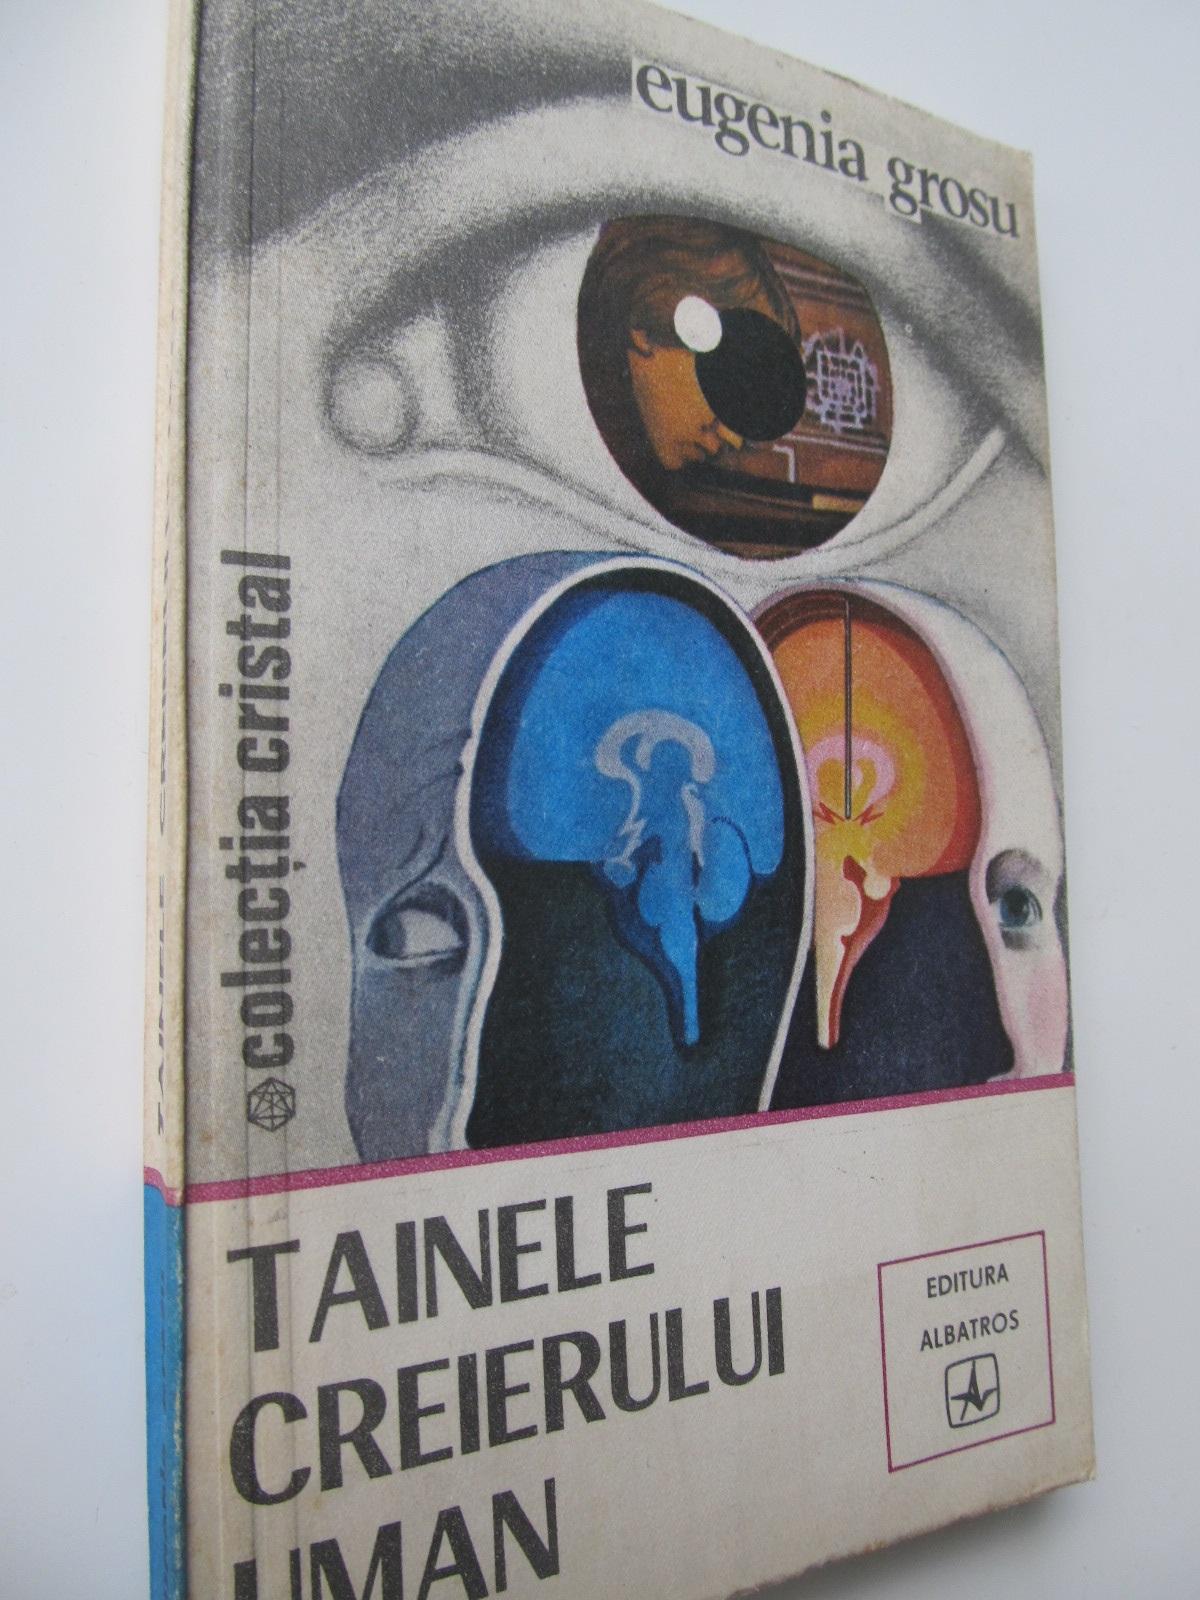 Tainele creierului uman - Eugenia Grosu | Detalii carte